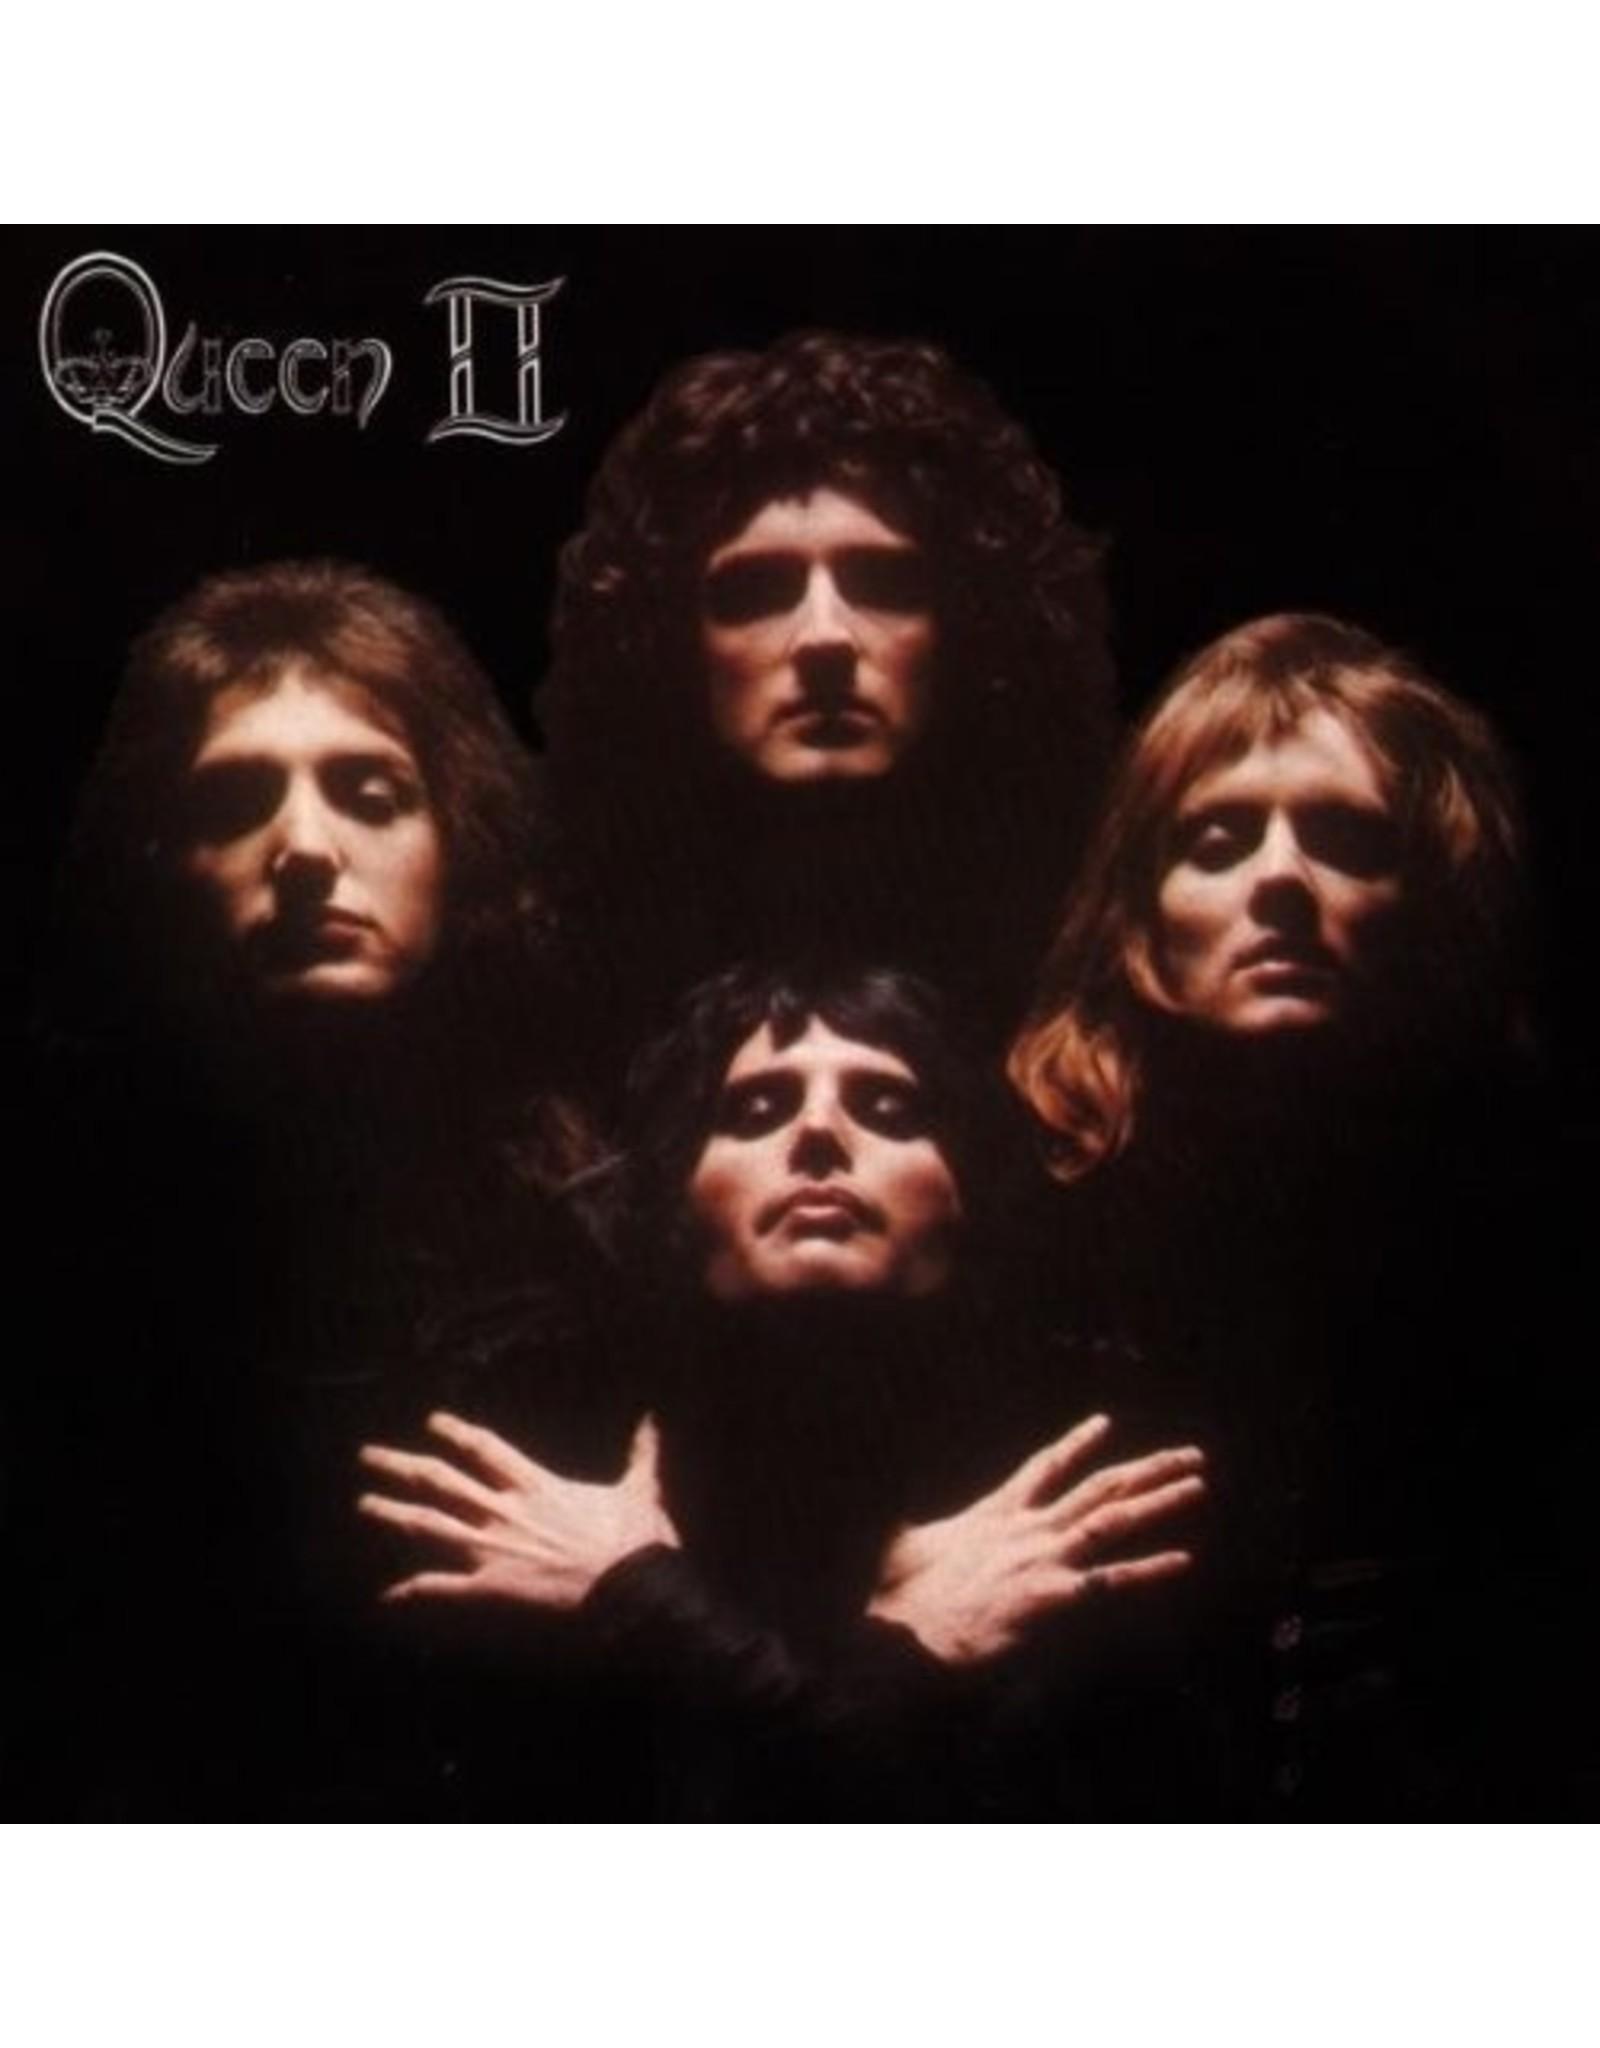 New Vinyl Queen - II LP